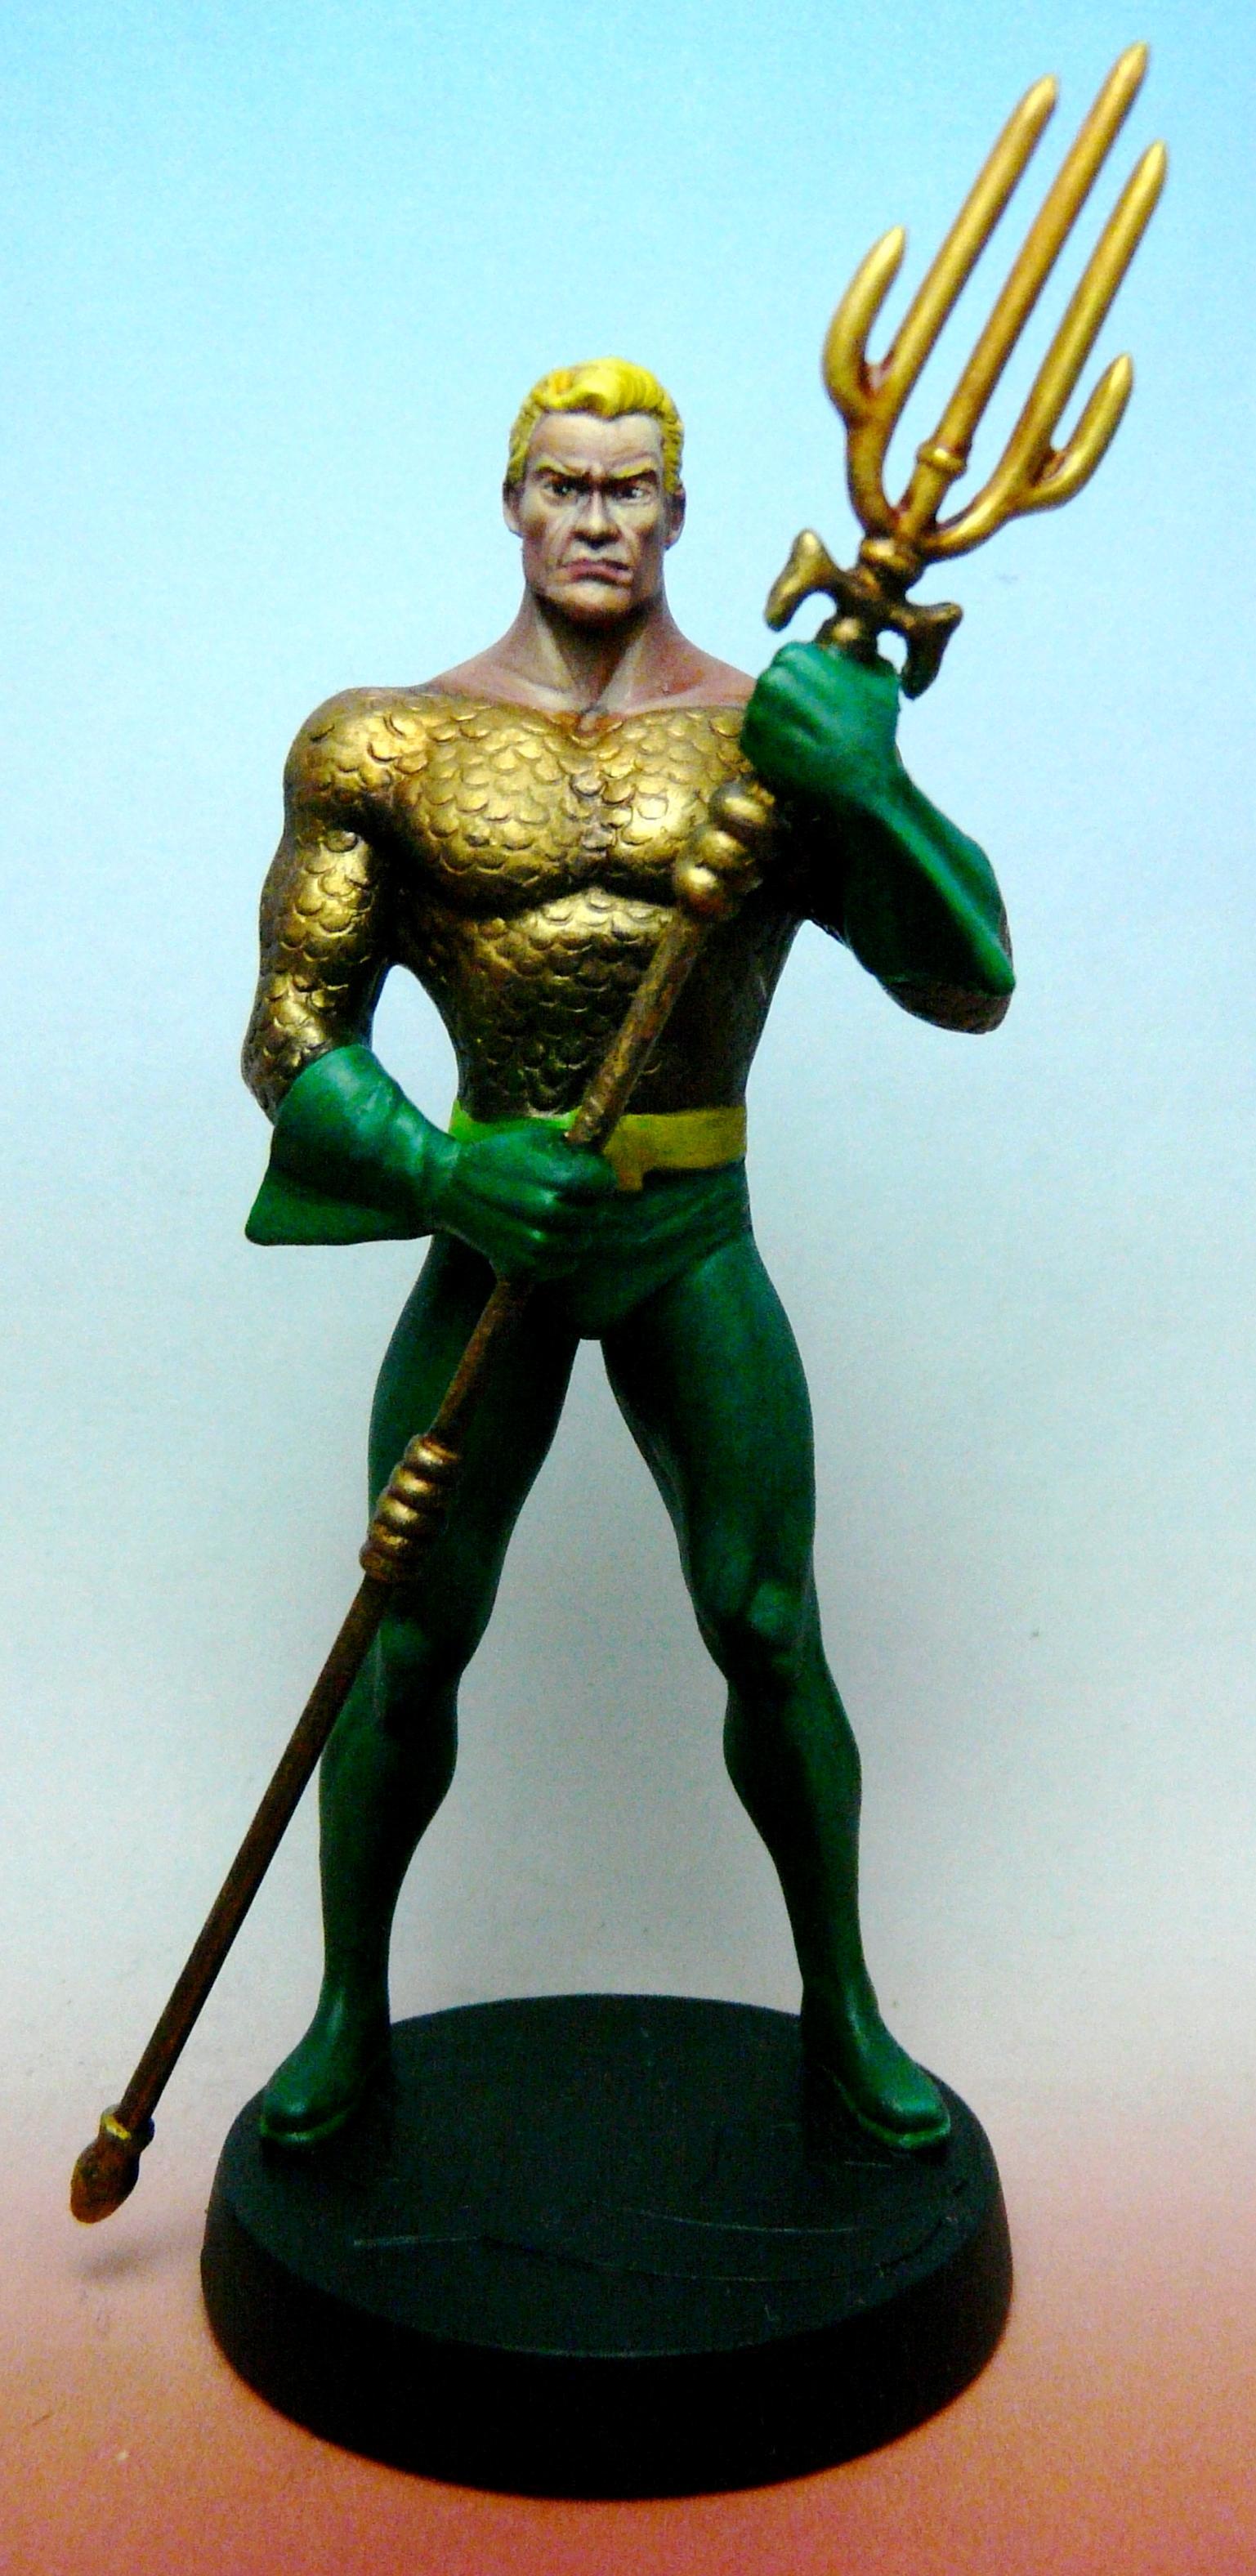 Comics, Justice League, Superhero